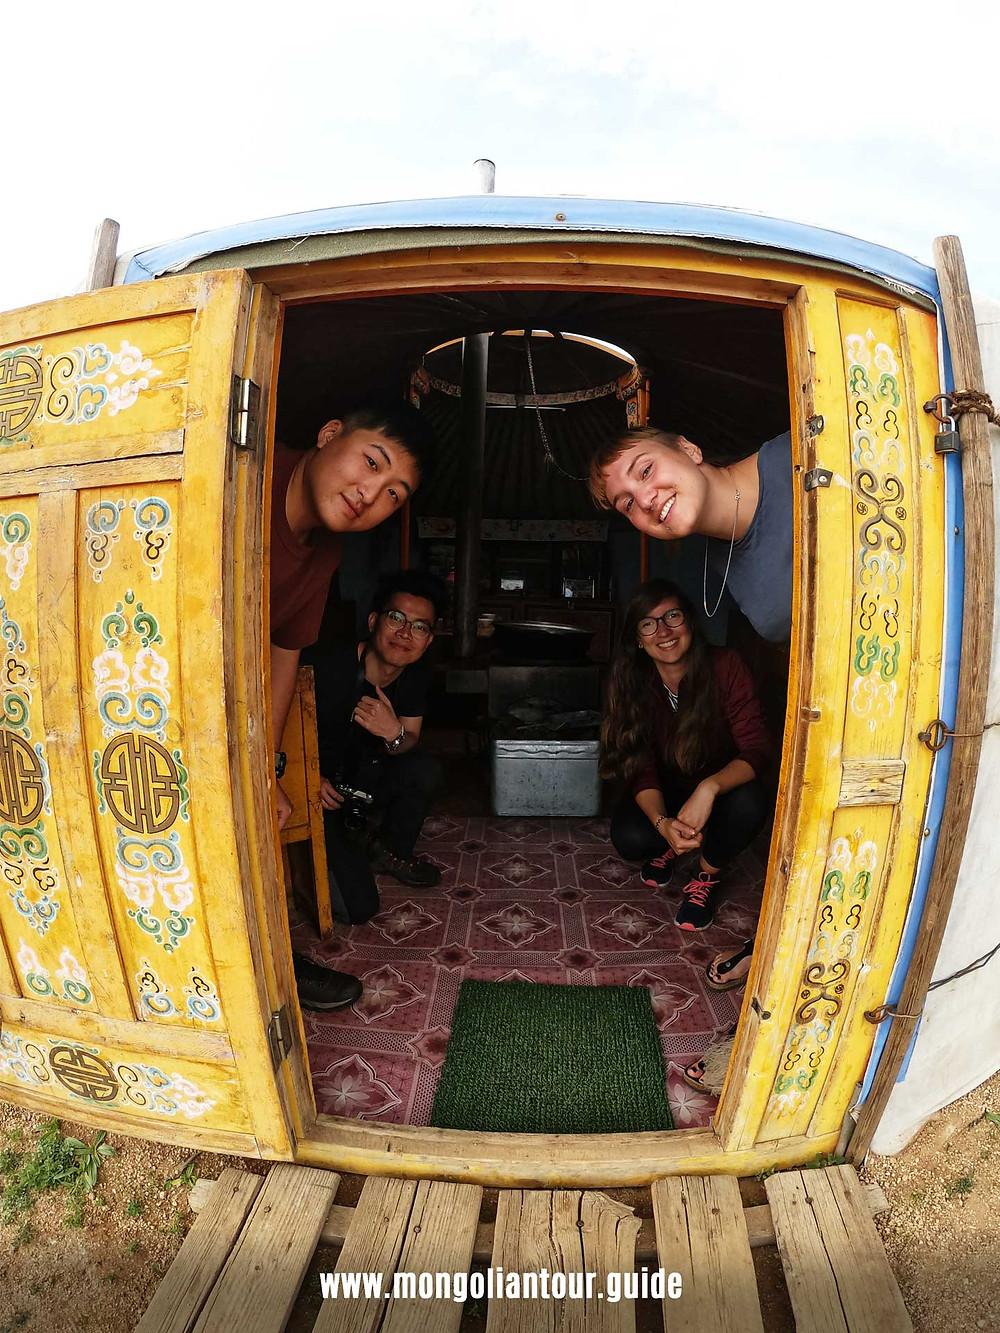 Nomadic yurt